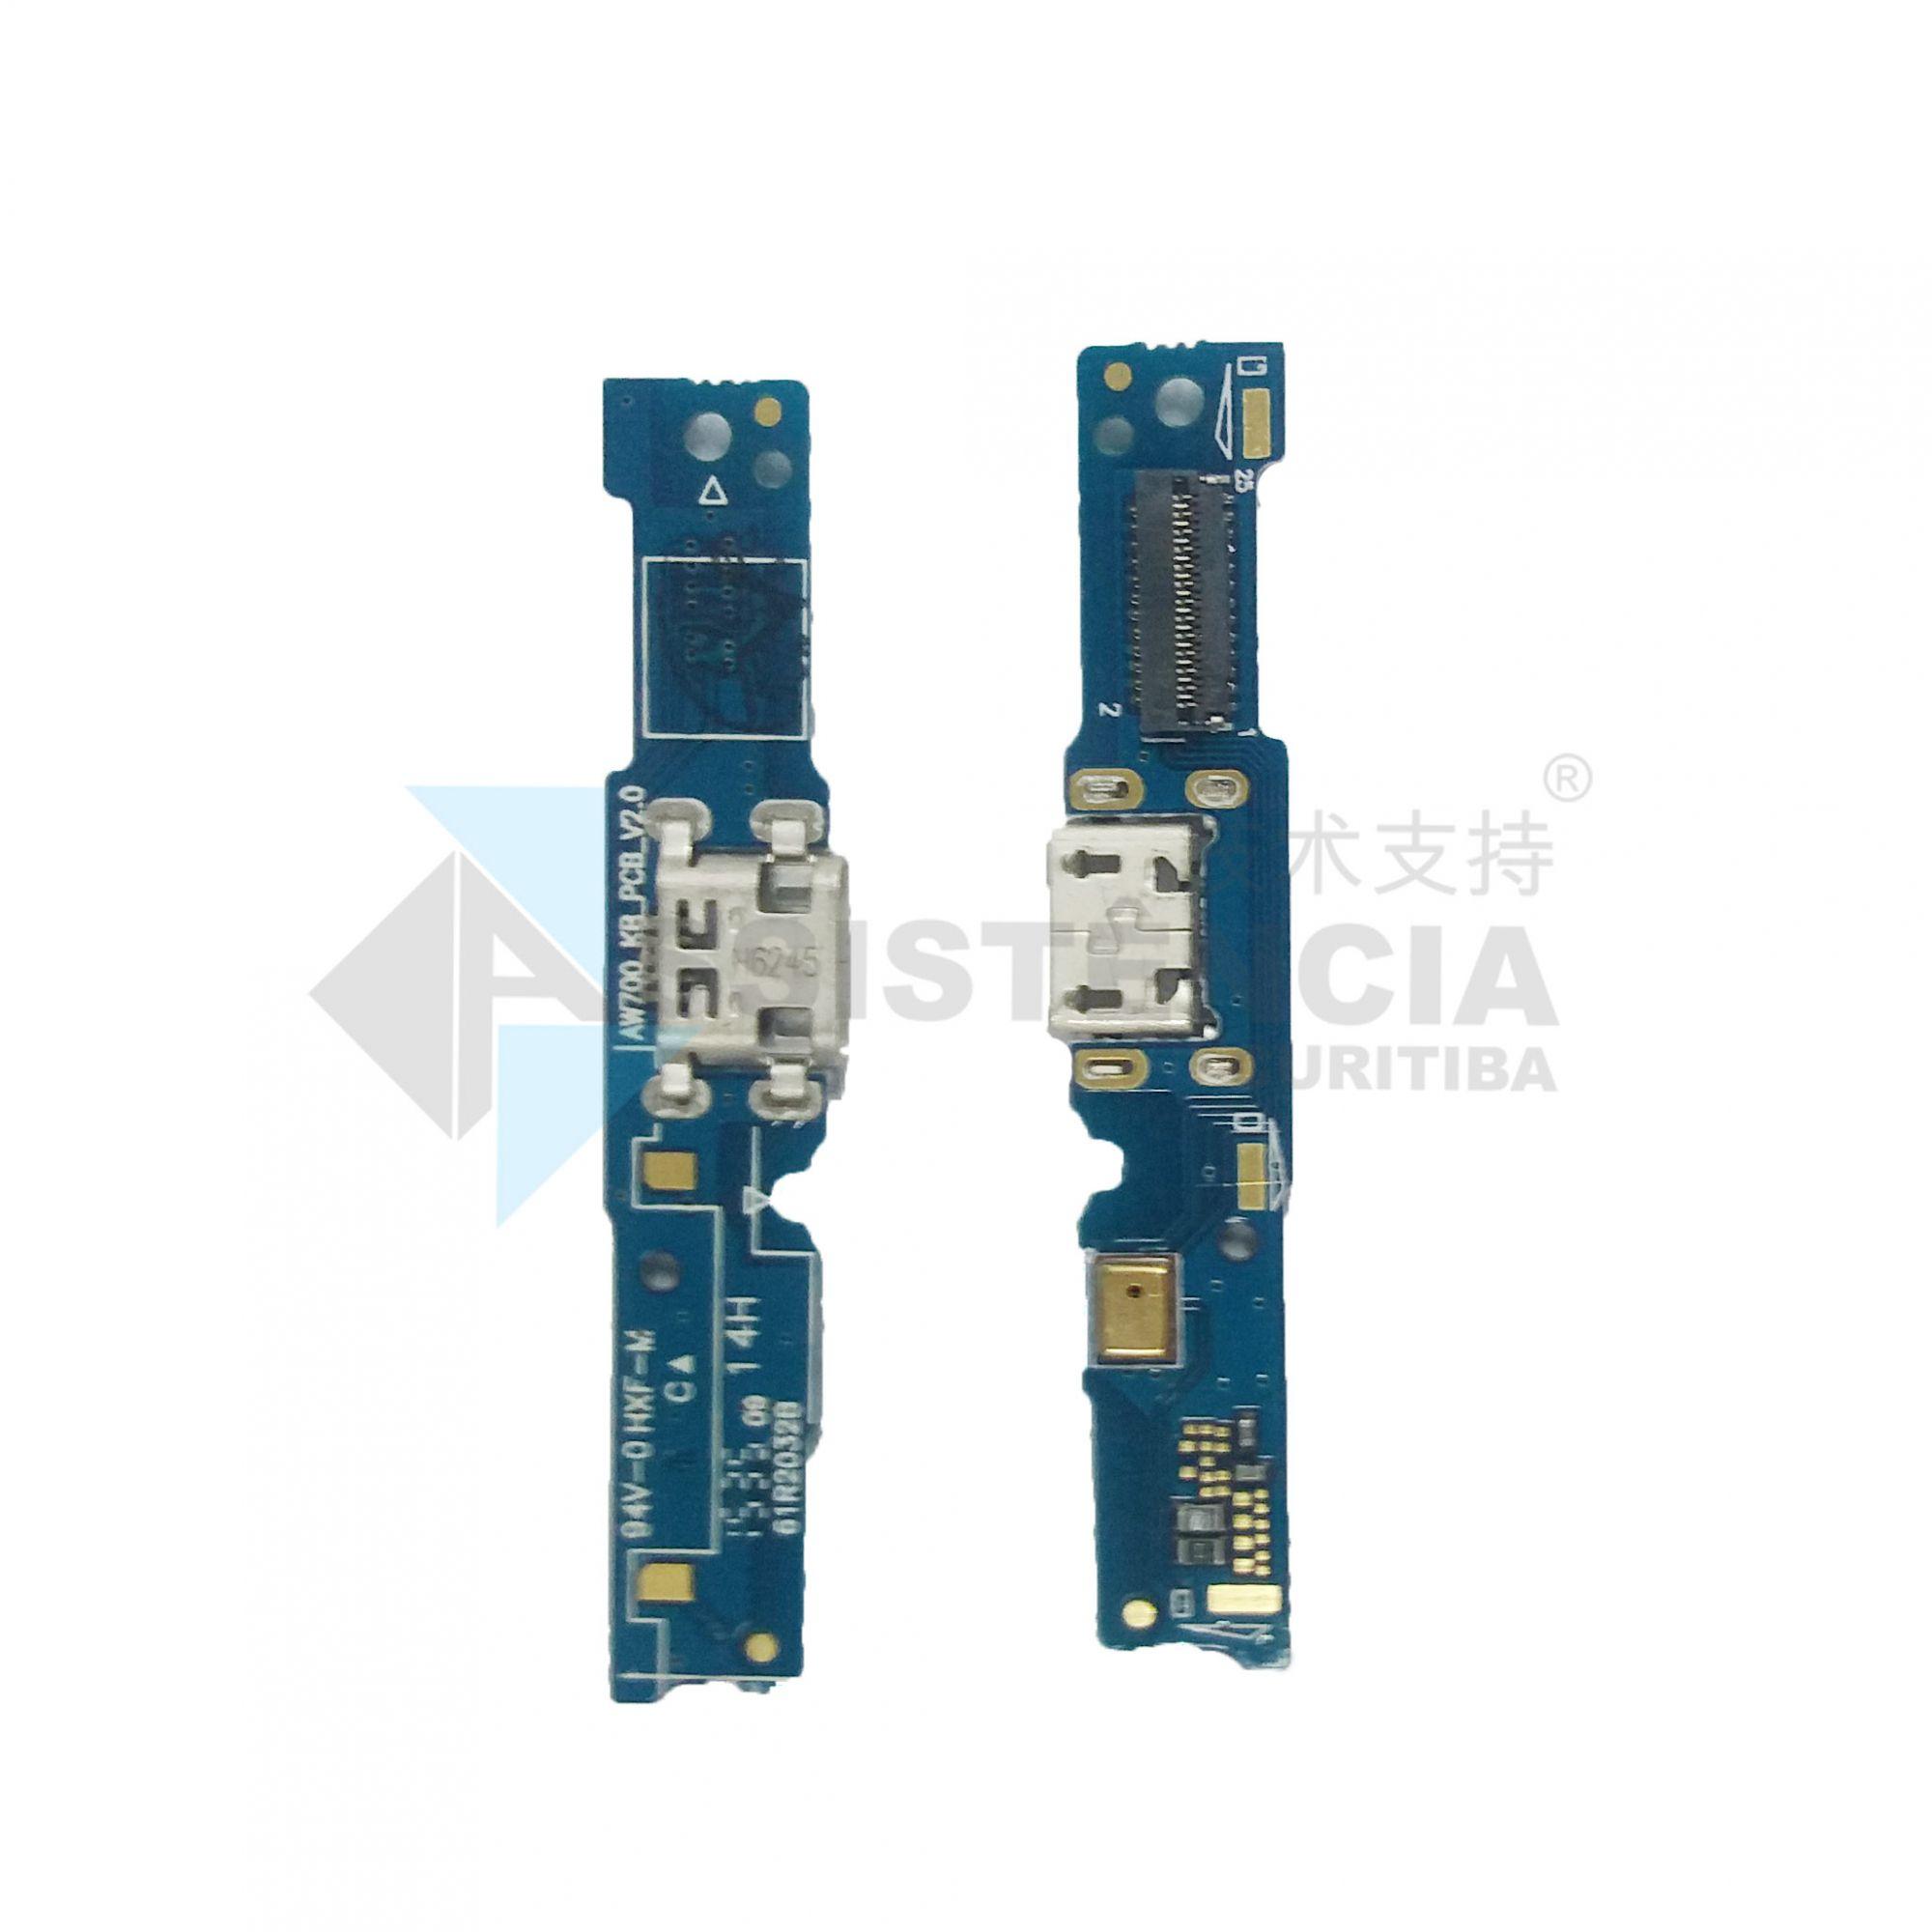 Placa Conector De Carga Asus Zenfone Go 4.5 Zc451